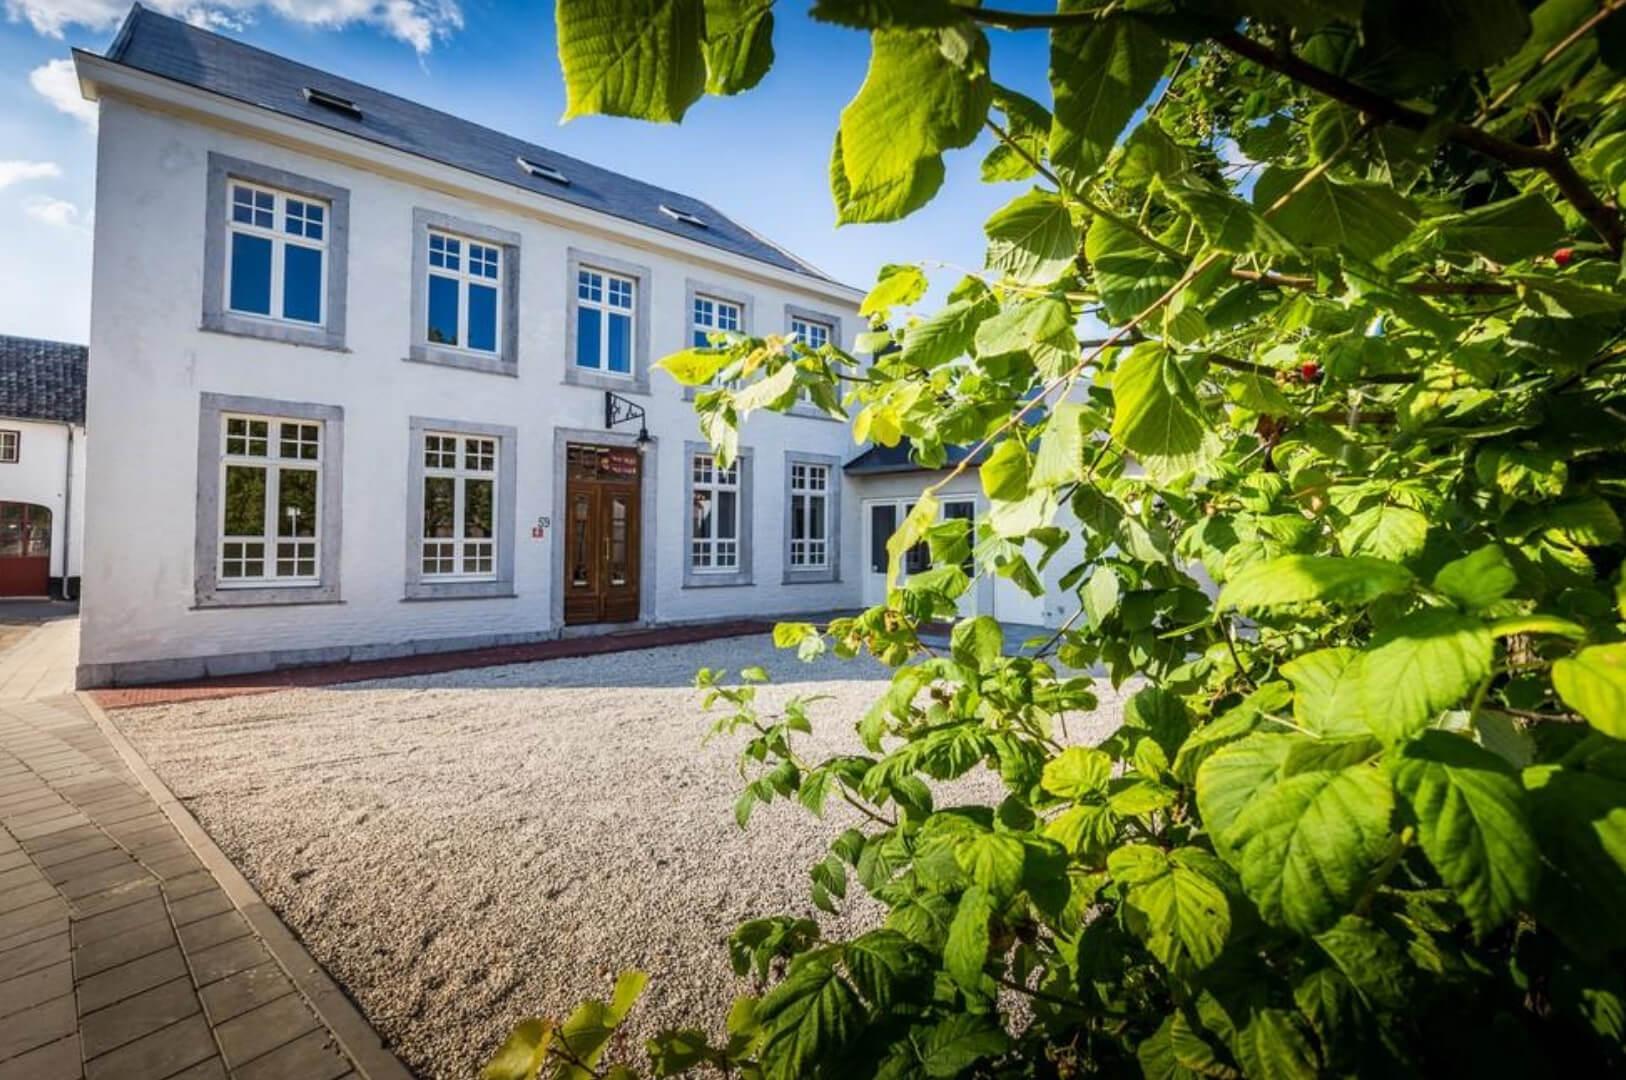 Vakantiehuis La Mairie-Villapparte-De Smockelaer-luxe vakantiehuis voor 35 personen-België-groepsaccommodatie